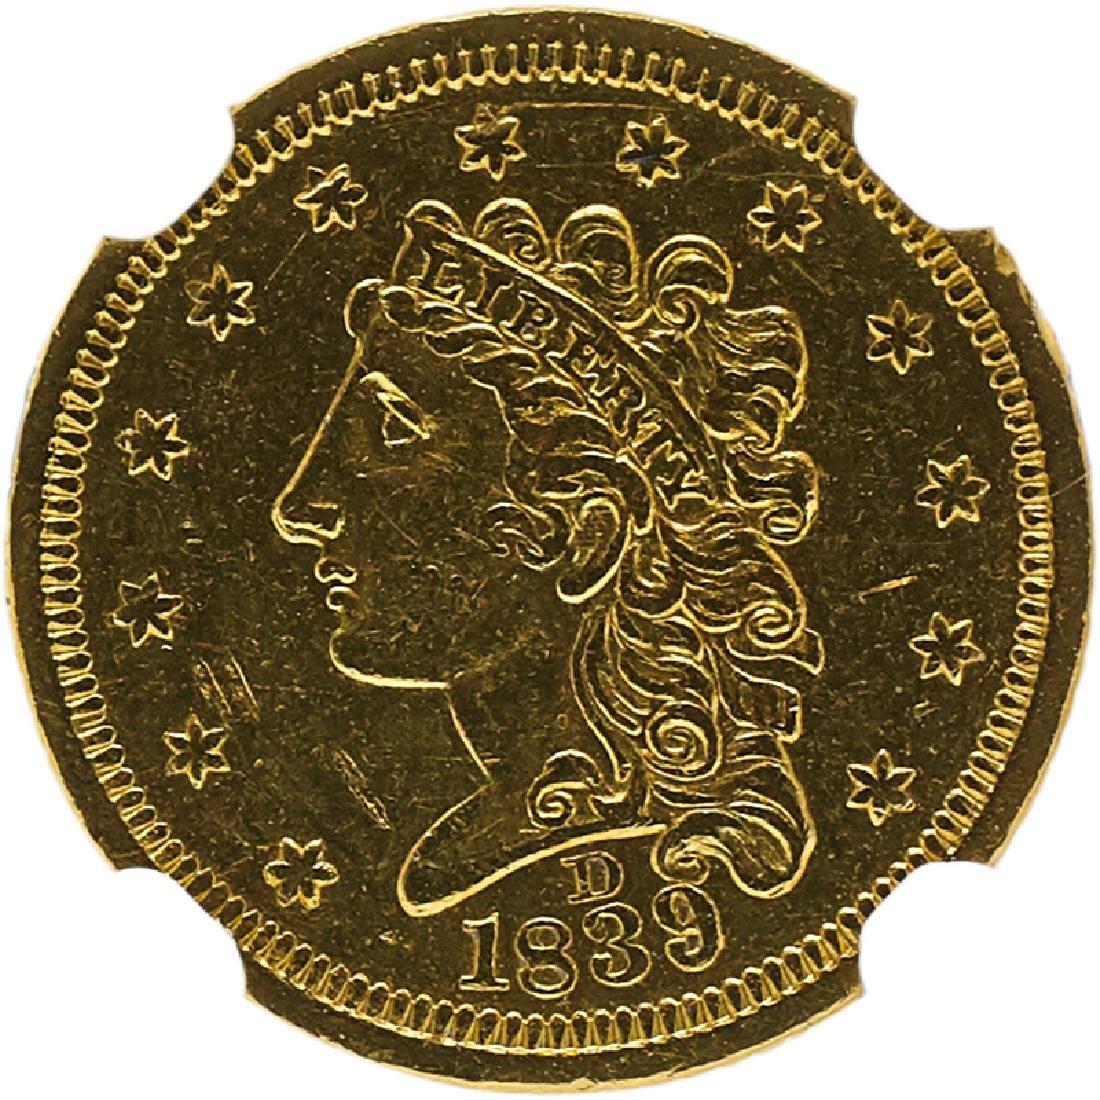 U.S. 1839-D $2.5 GOLD COIN